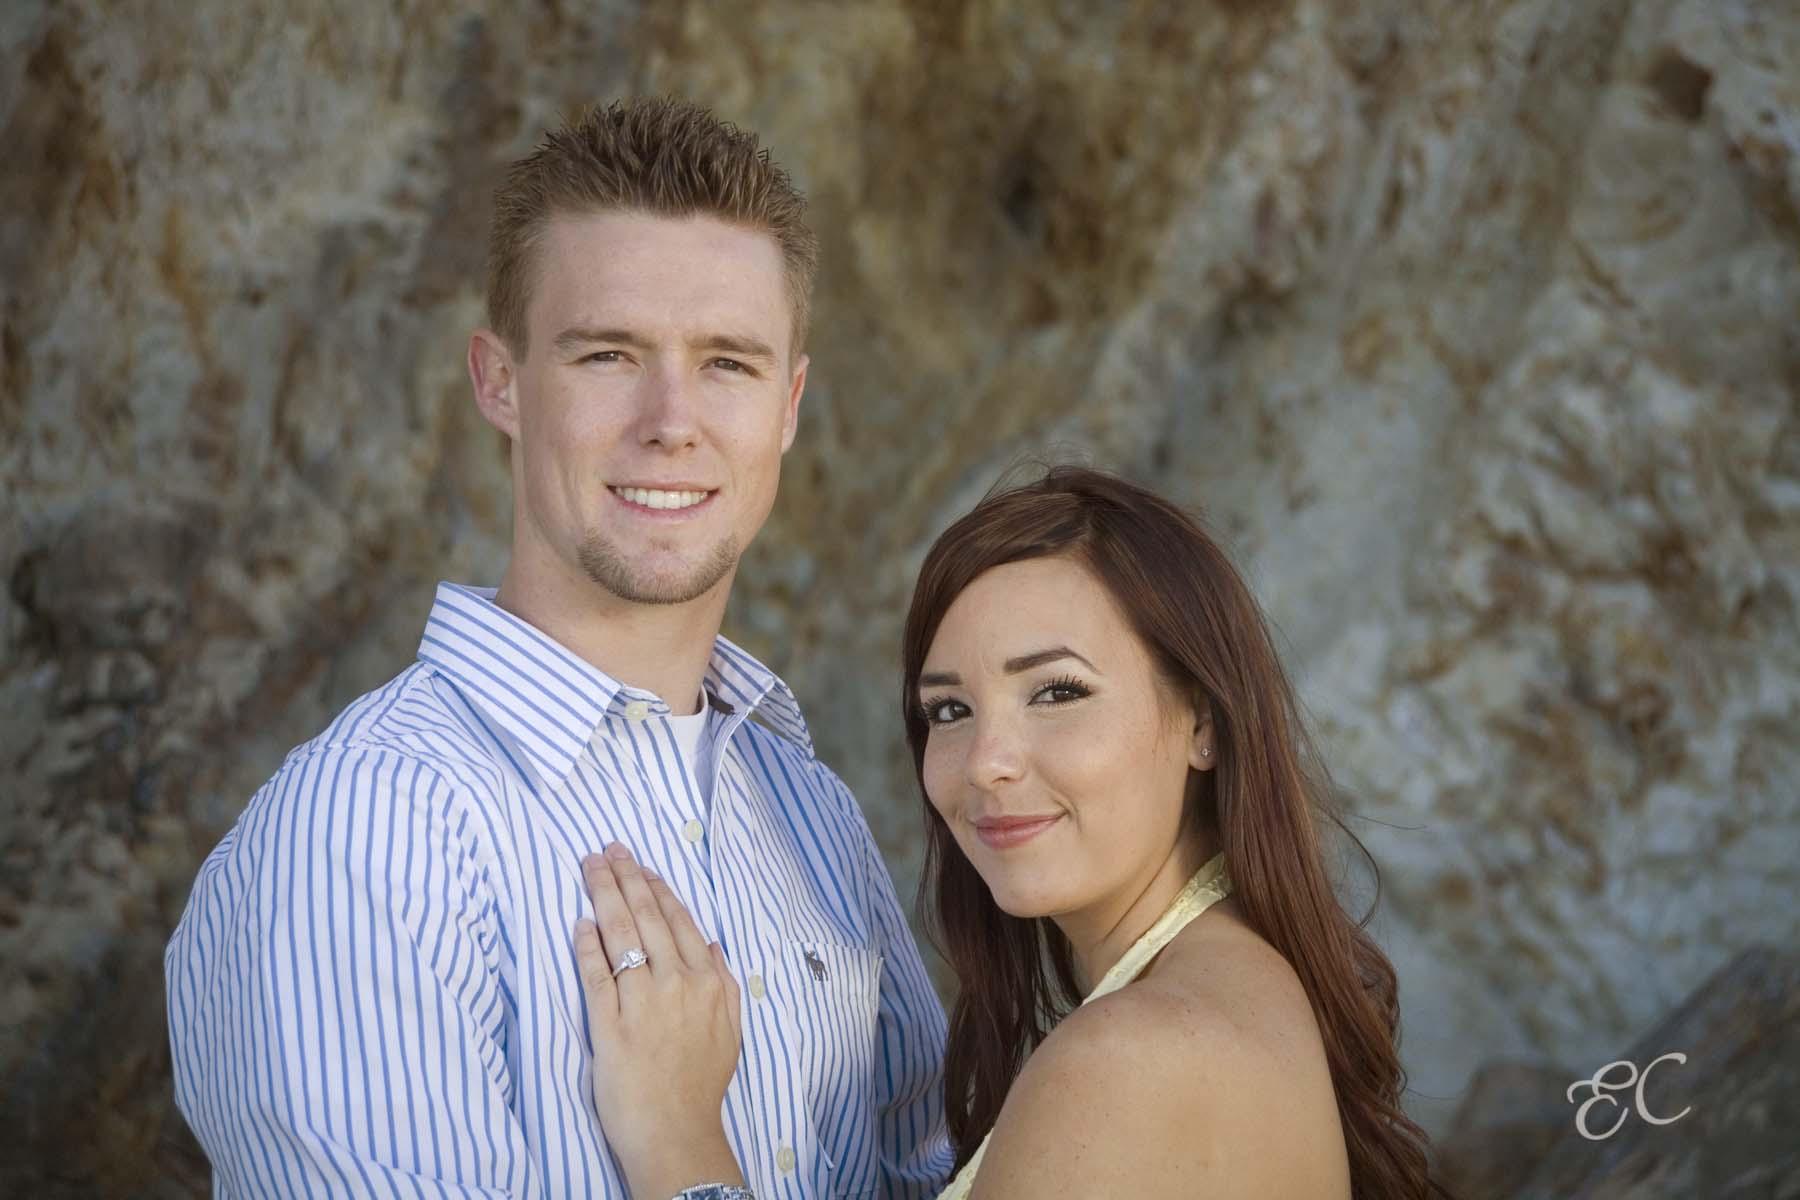 young couple celebrate engagement portrait rock backdrop